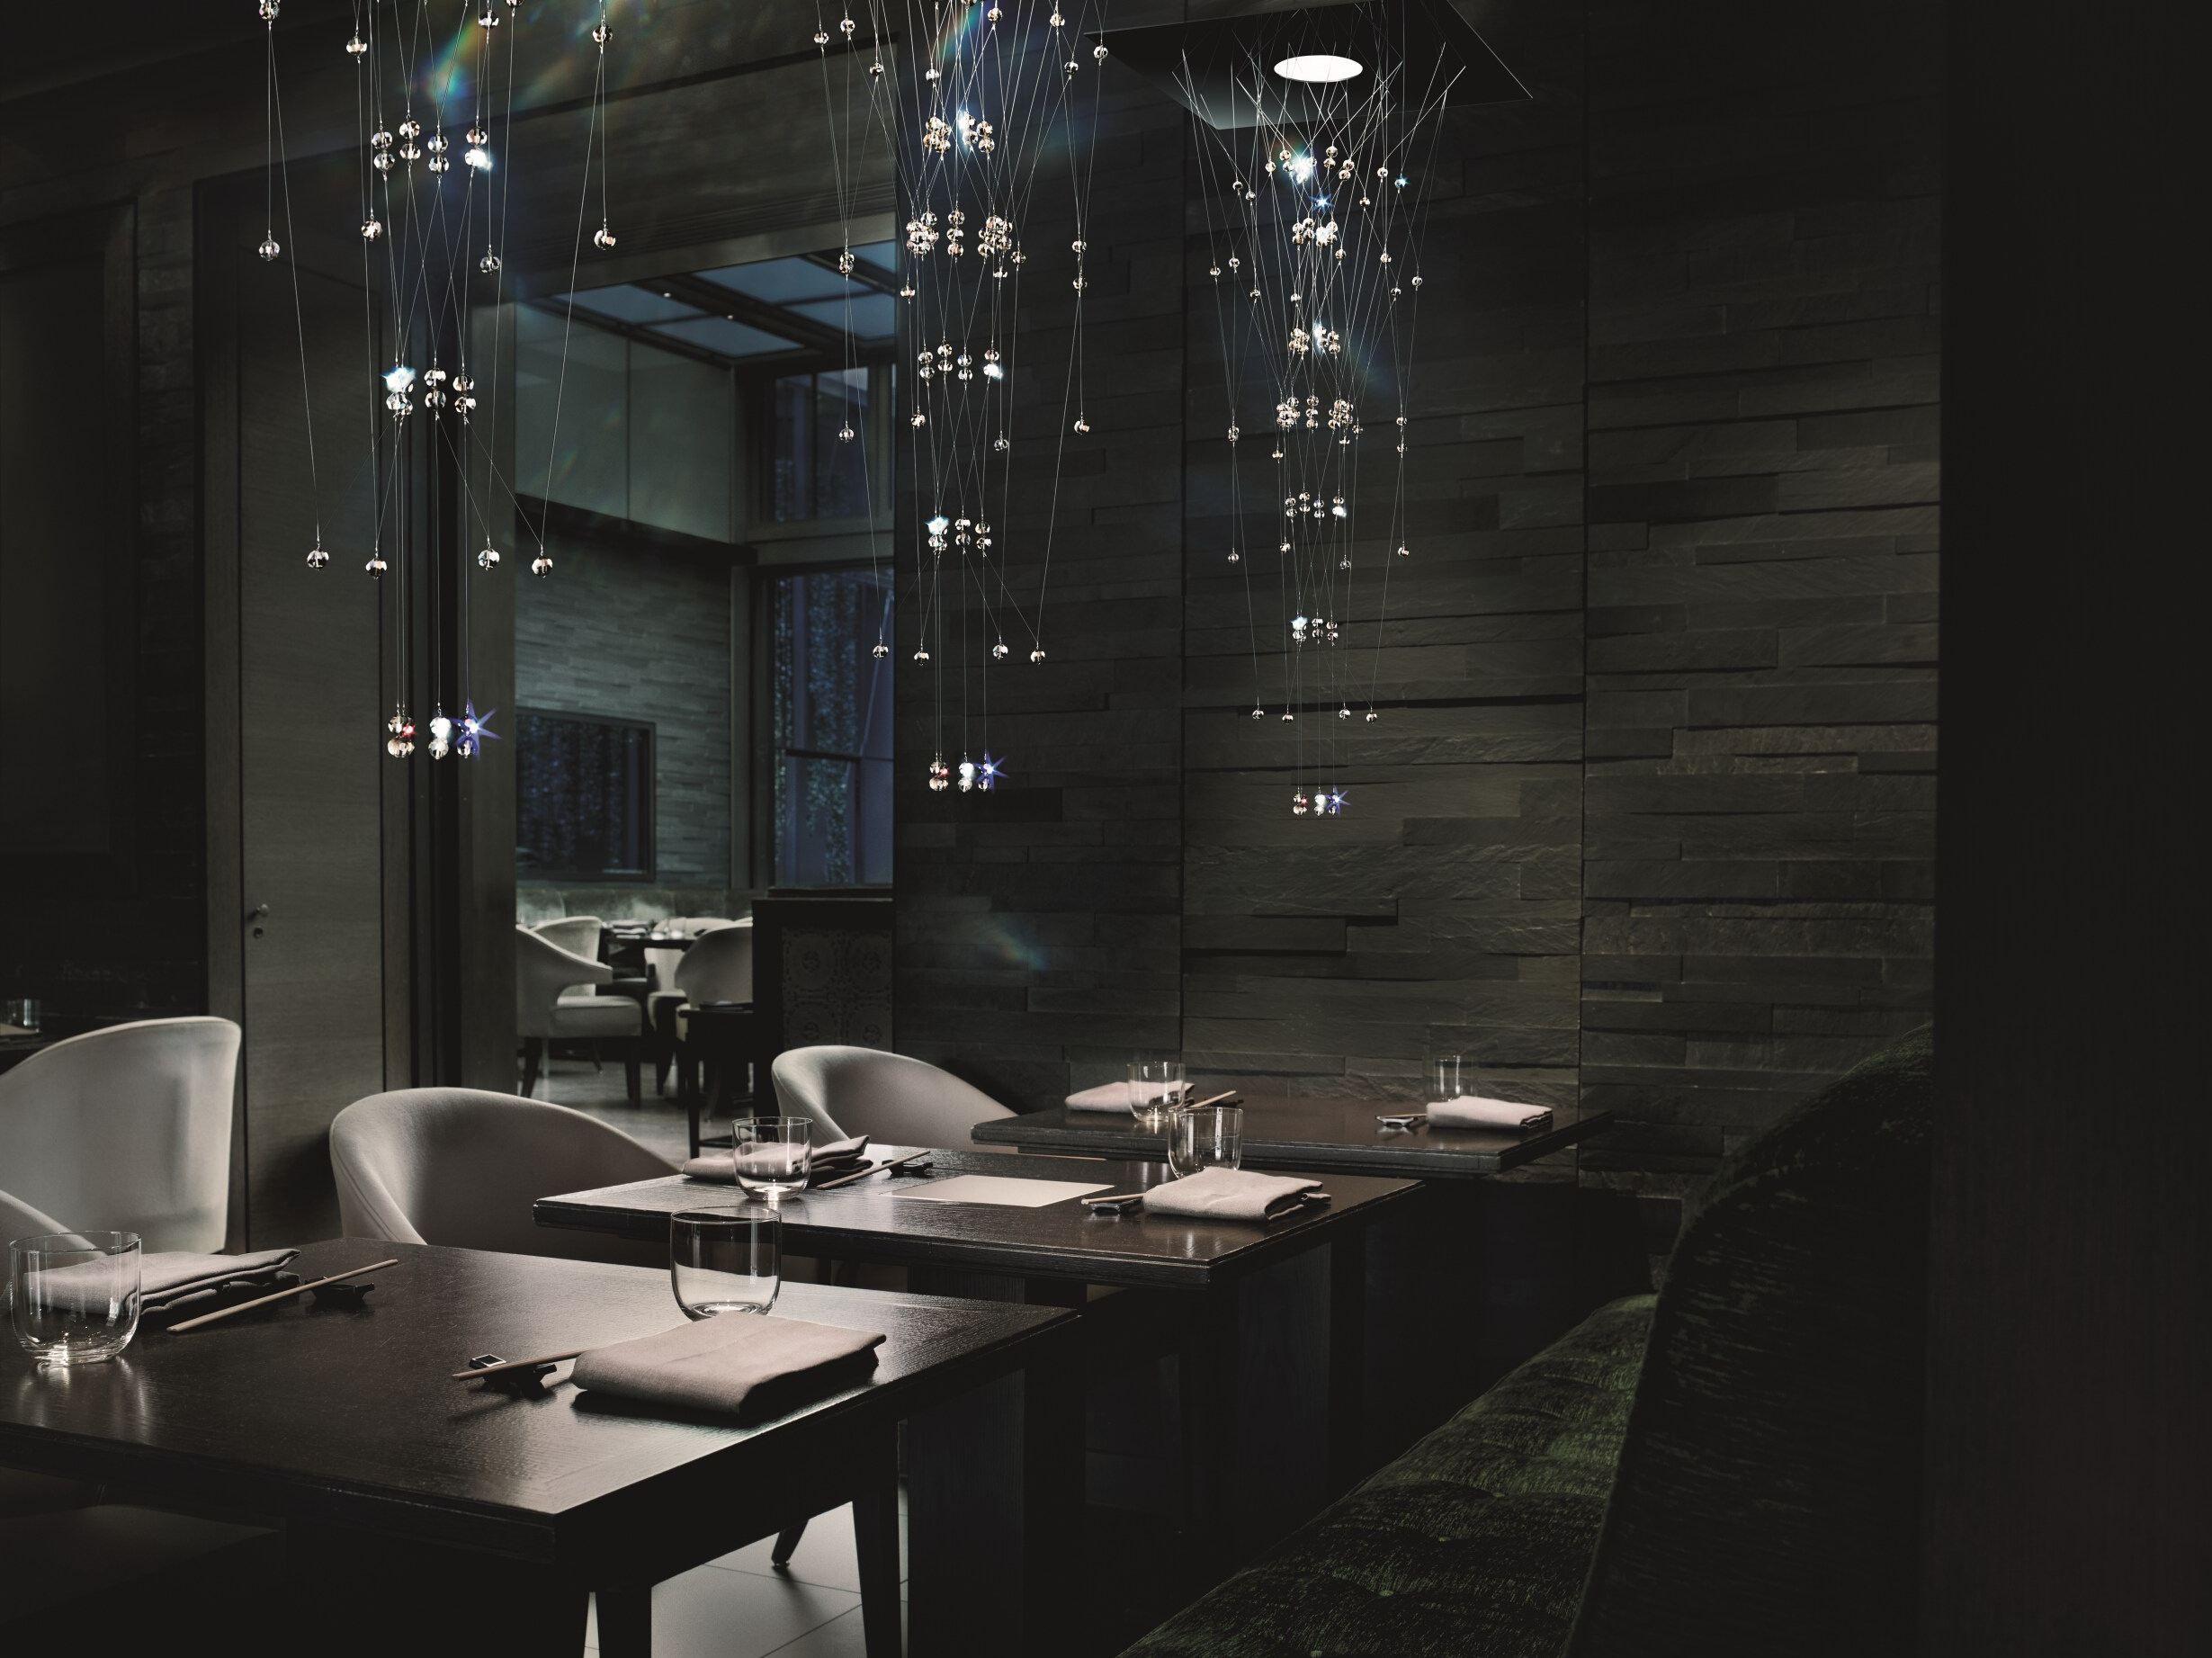 Lampade specchio bagno artemide idee per la casa douglasfalls